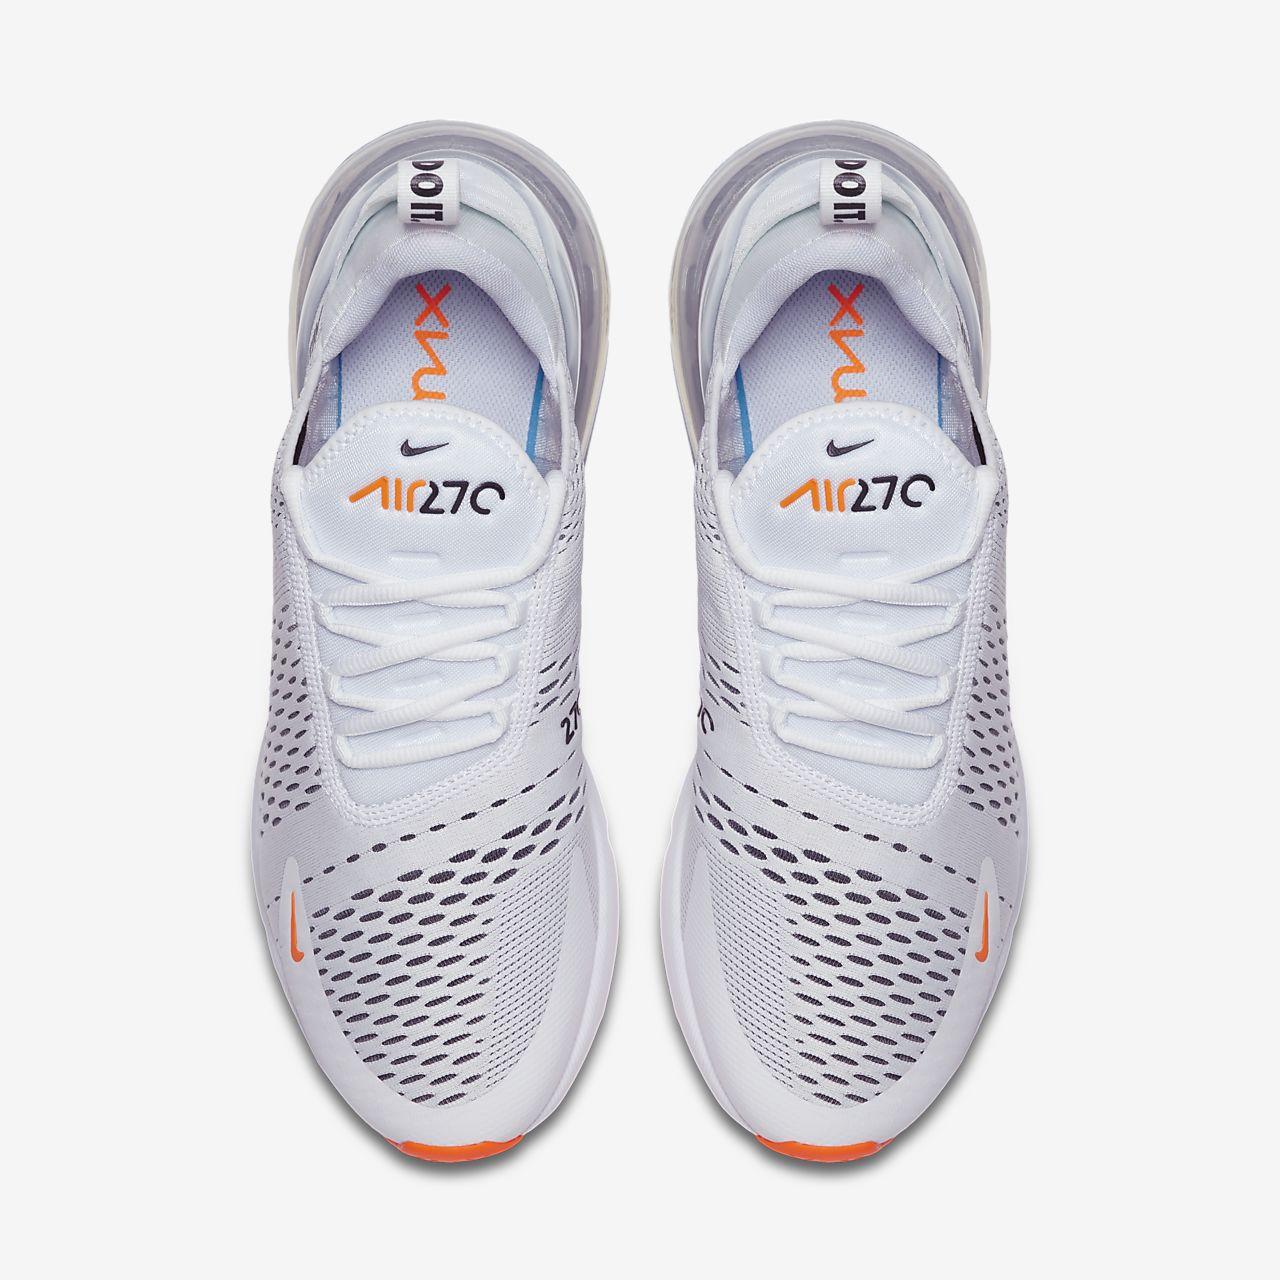 scarpa nike air max 270 biancototal orangenero ah8050 106